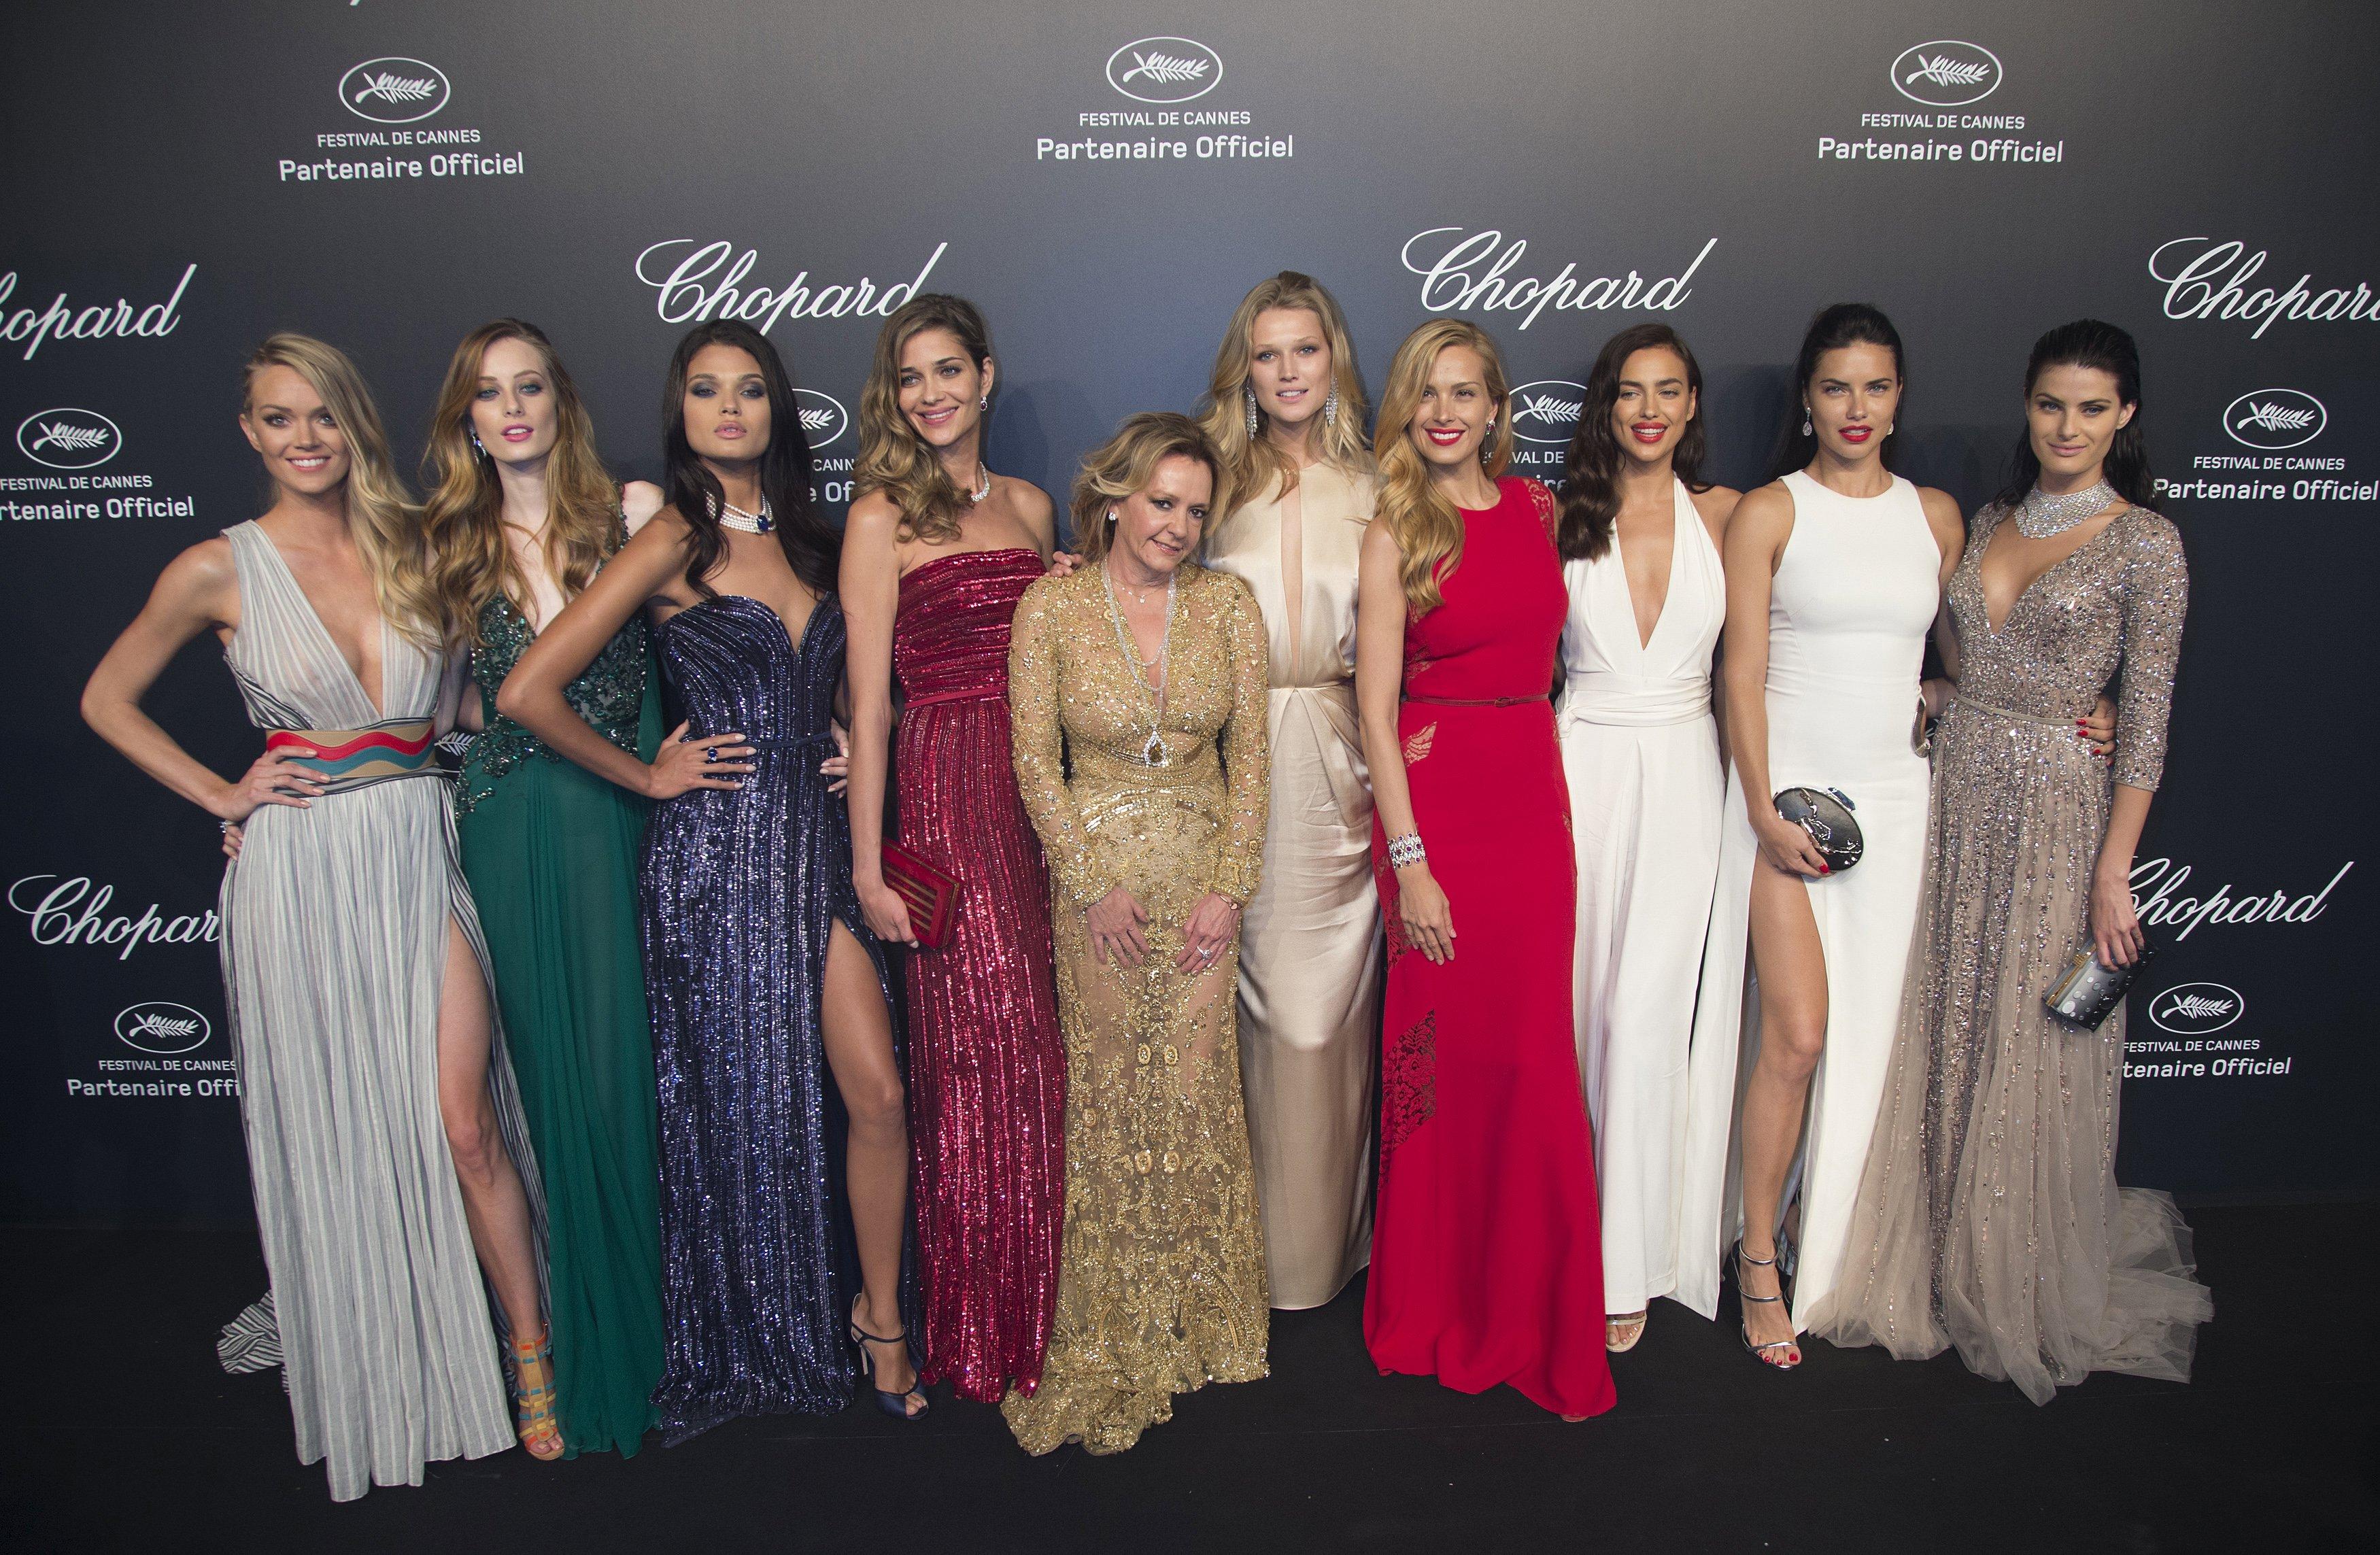 Modelos com Caroline Scheufele, diretora artistica e co-presidente do Chopard em festa m Cannes, na França